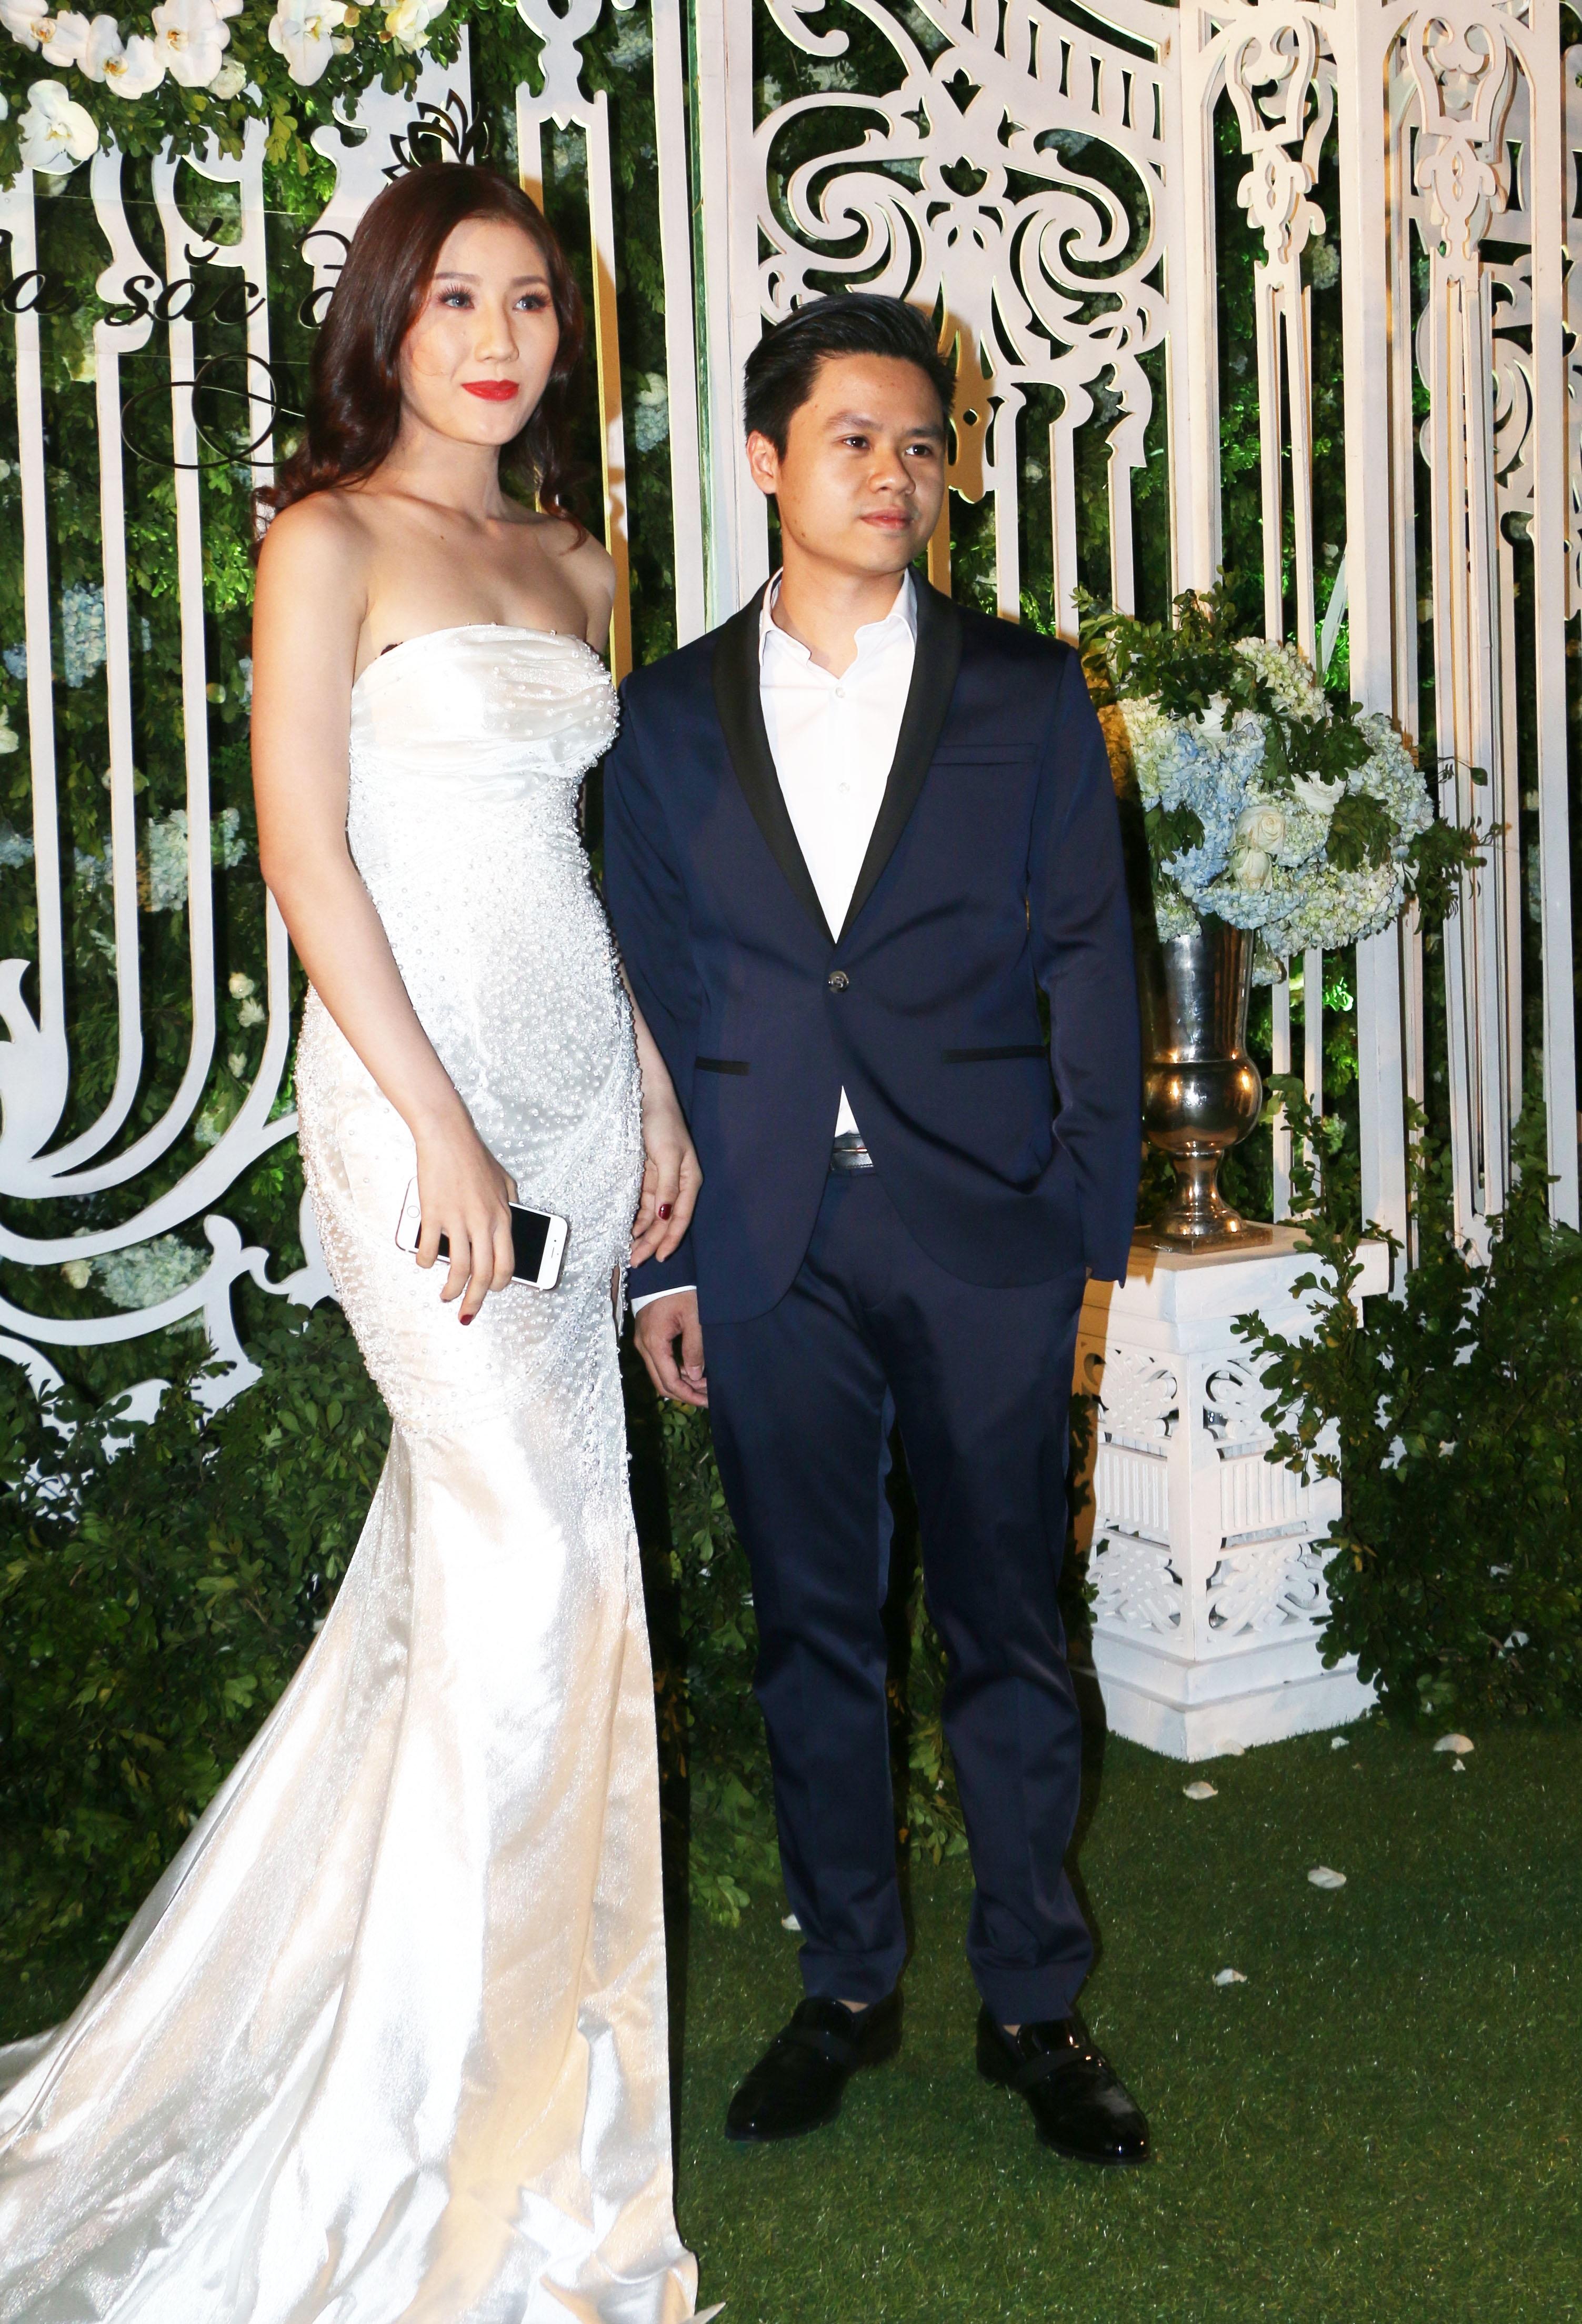 Phan Thành khá thoải mái khi xuất hiện trên thảm đỏ cùng người đẹp.